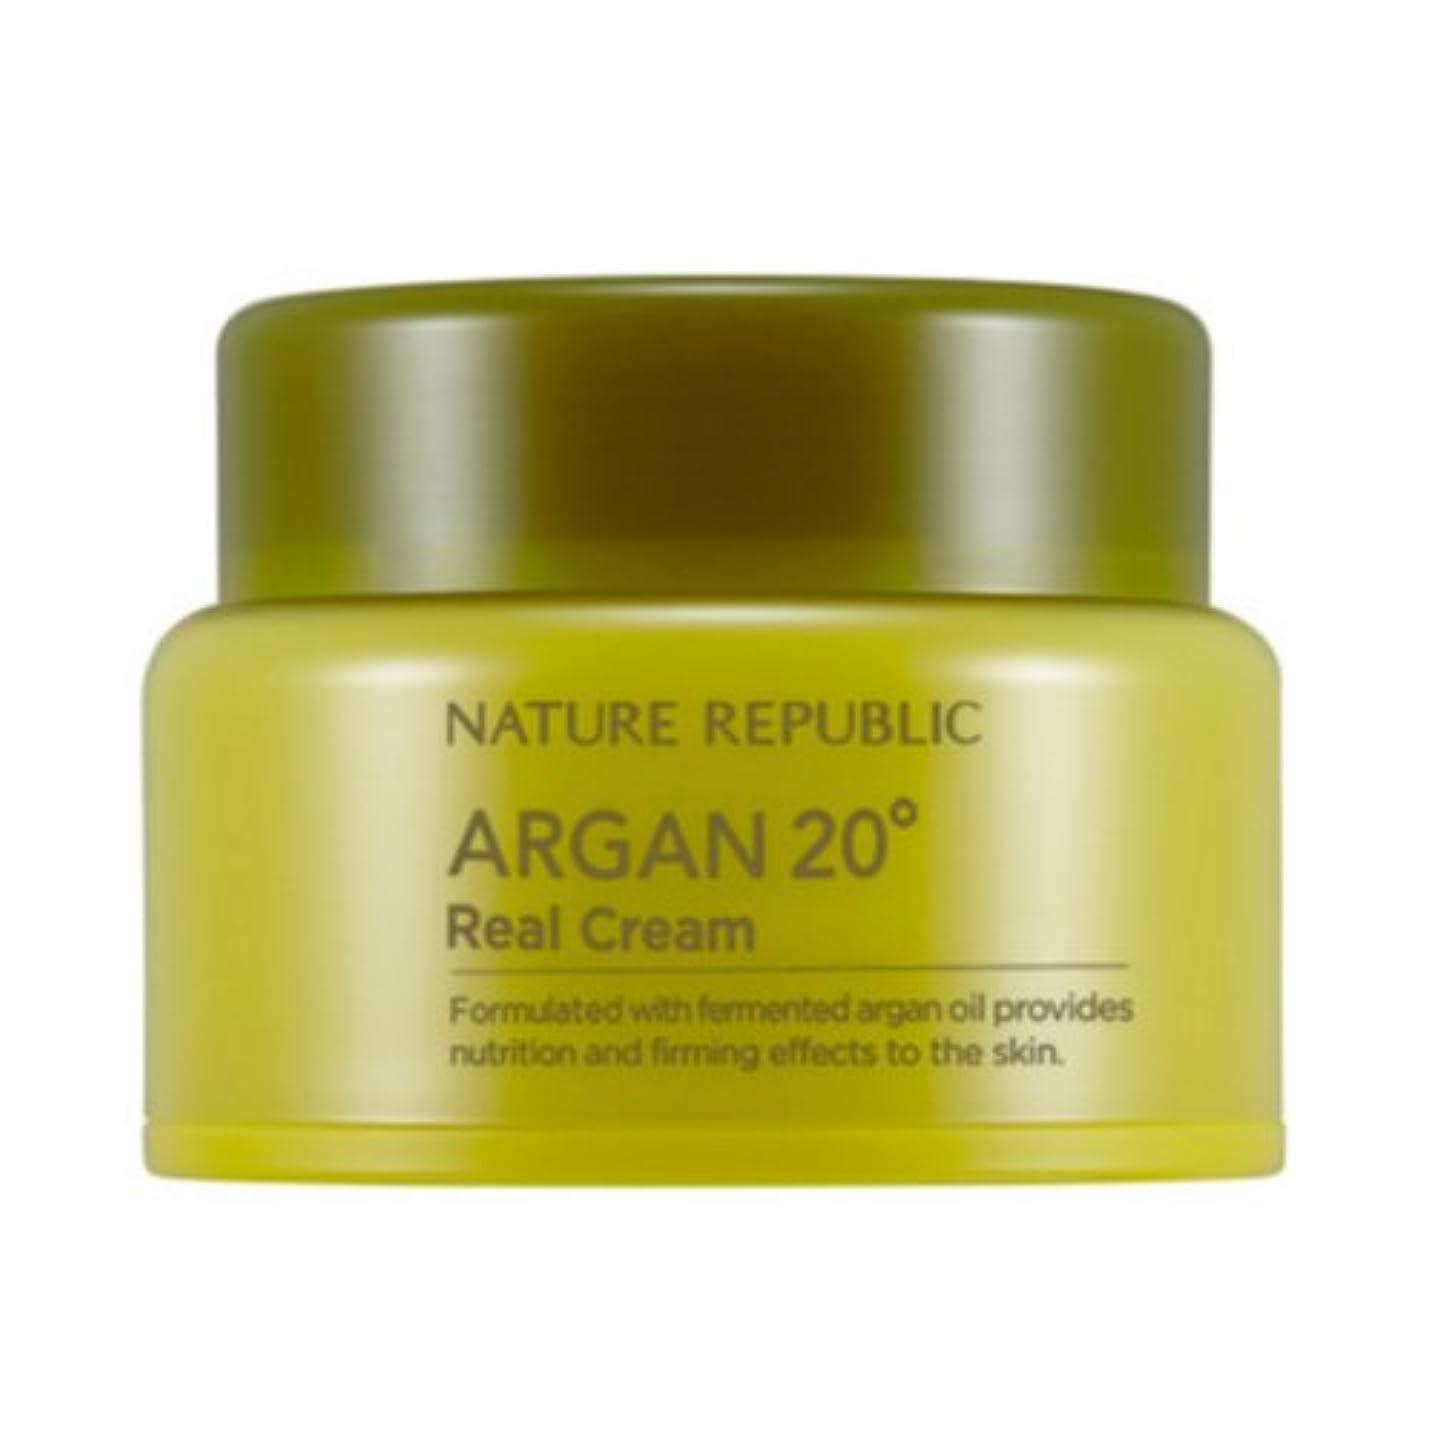 クローゼット創造多様性[ネイチャーリパブリック] Nature republicアルガン20ºリアルクリーム海外直送品(Argan20ºReal Cream) [並行輸入品]